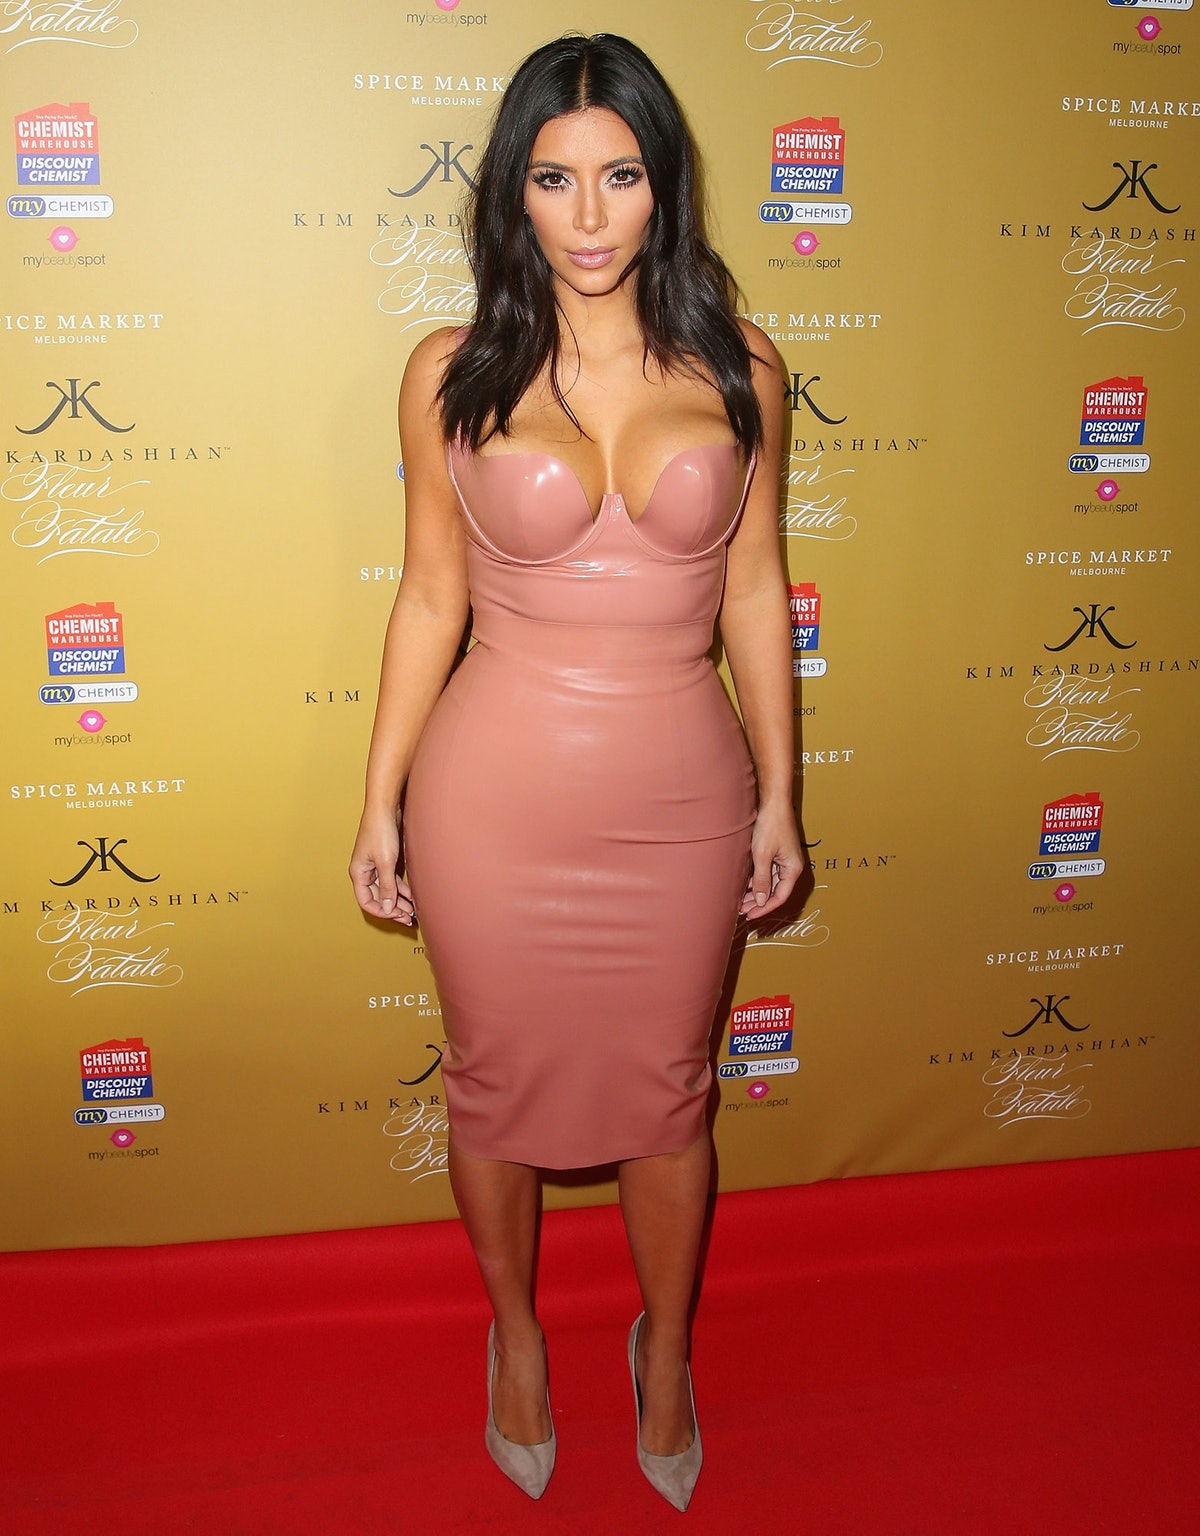 Kim Kardashian in Latex